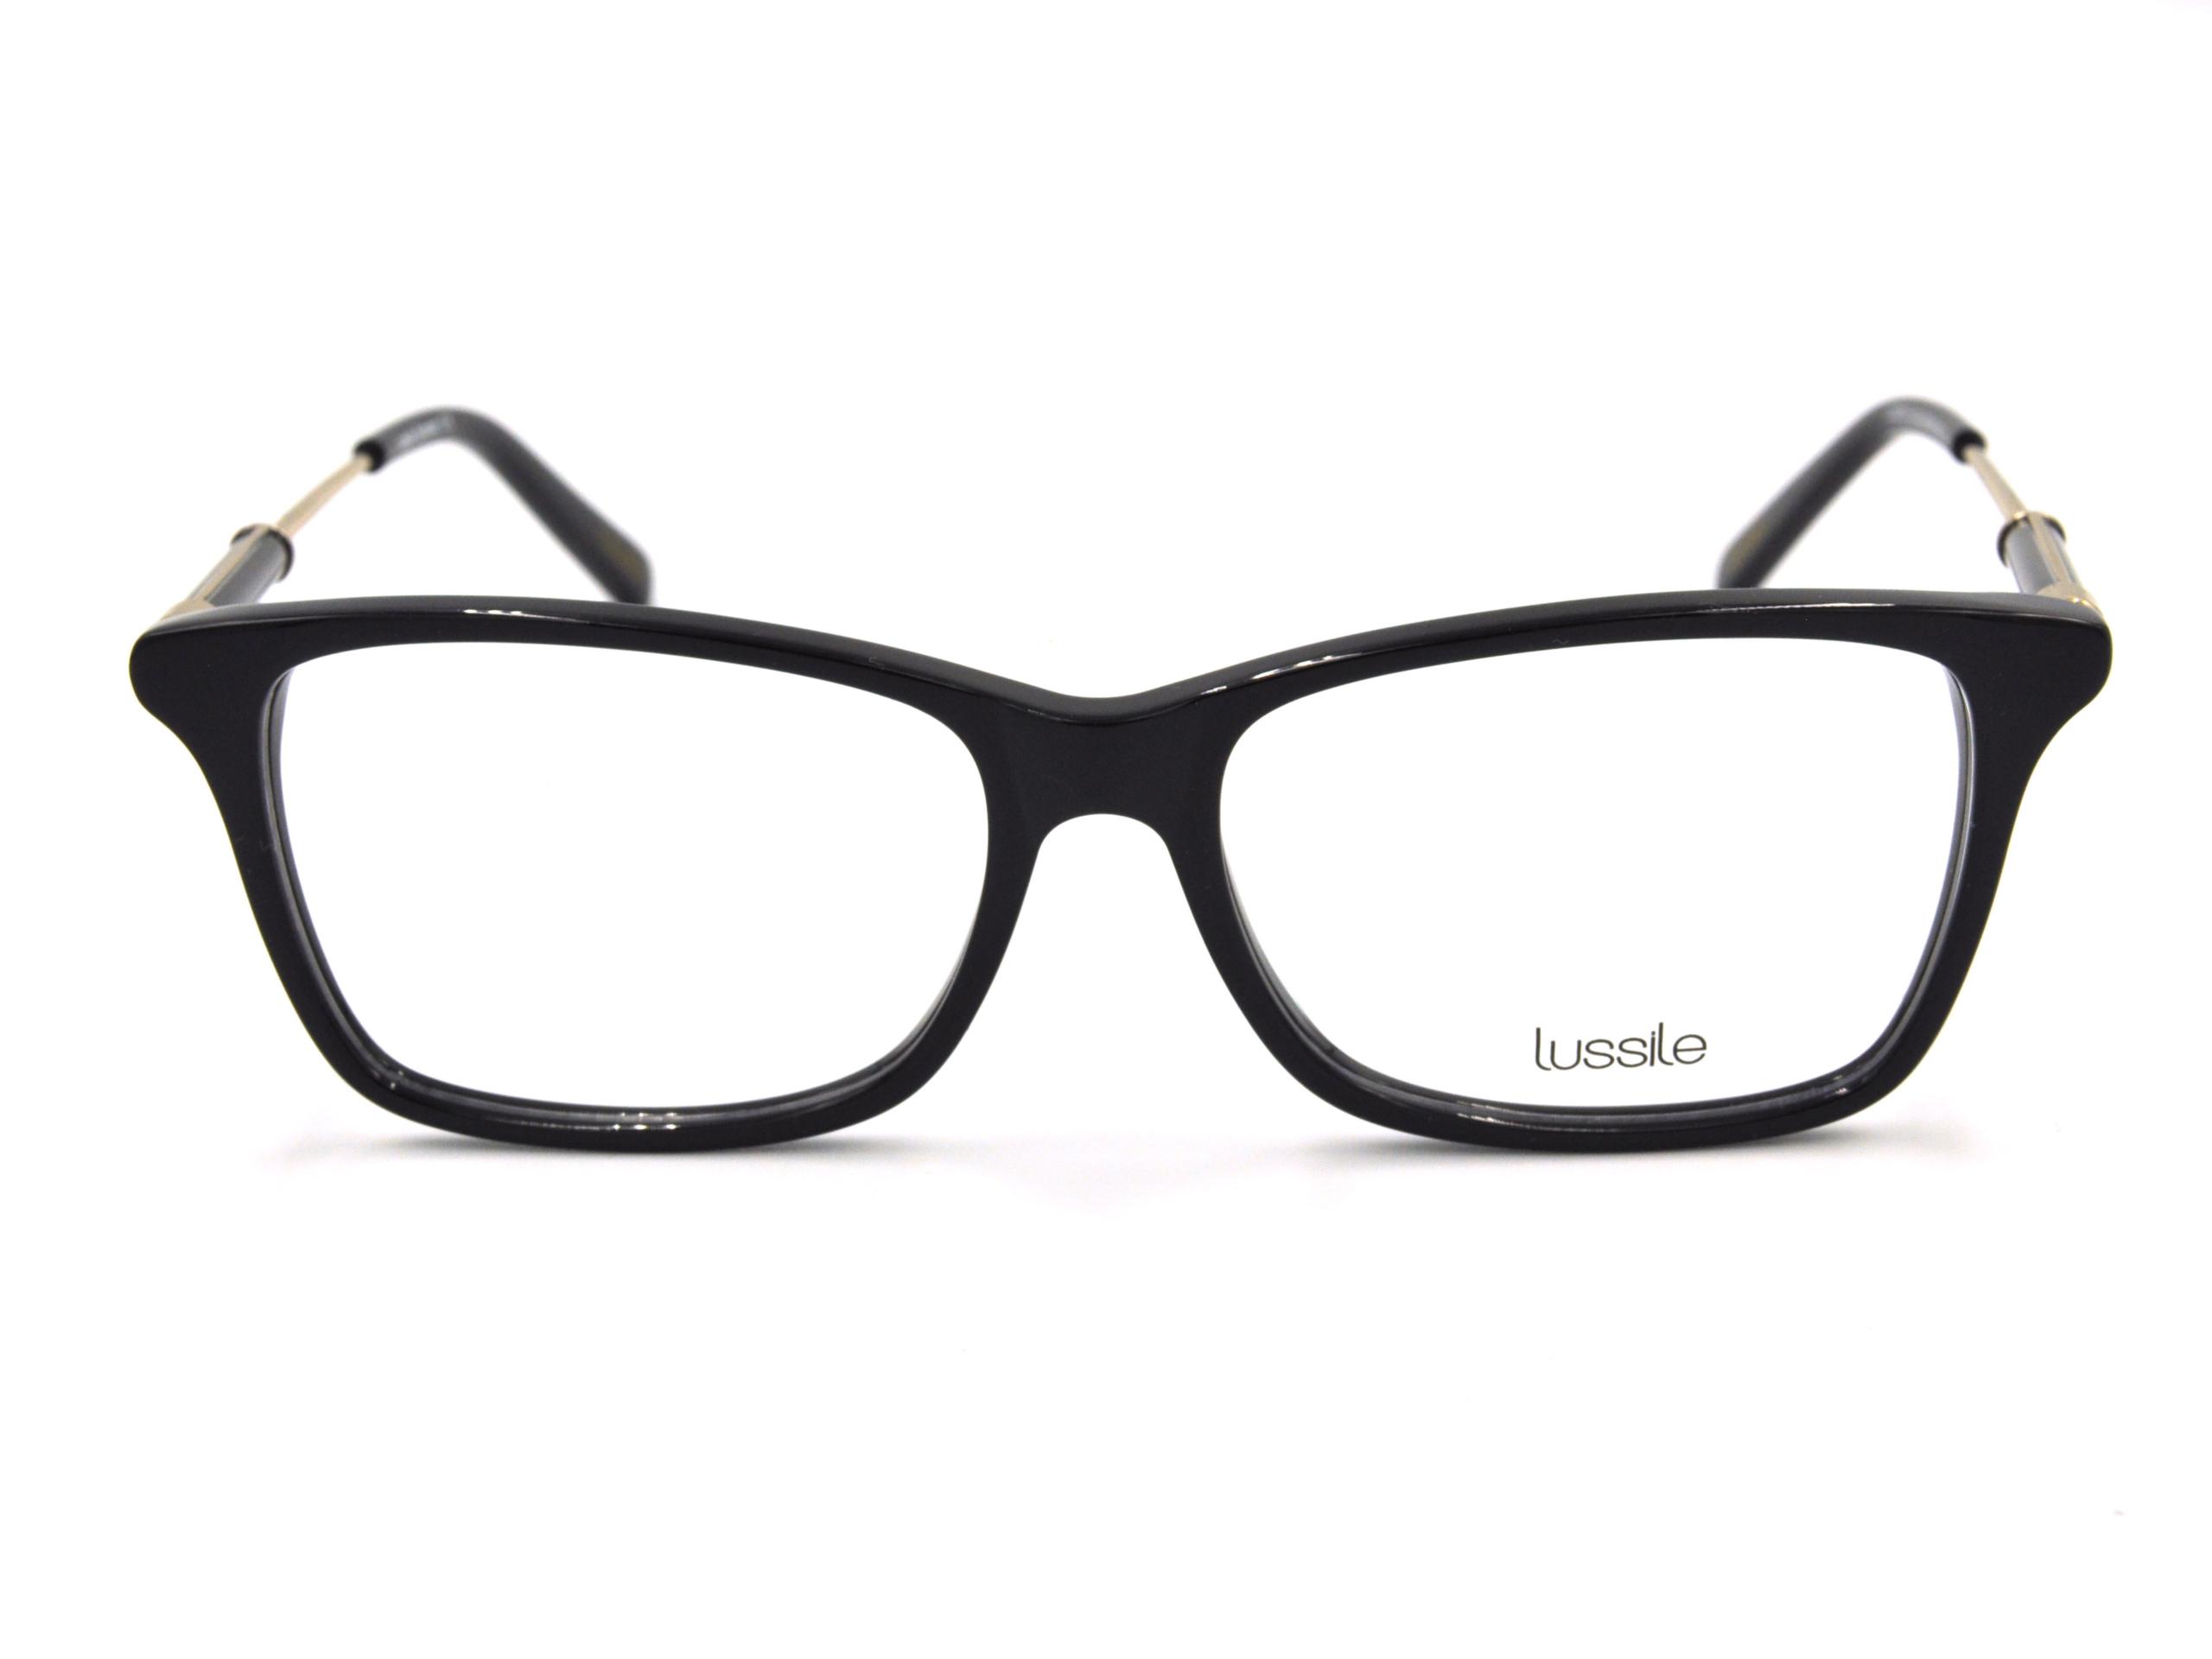 Γυαλιά οράσεως Lussile LN32201 LN01 Πειραιάς